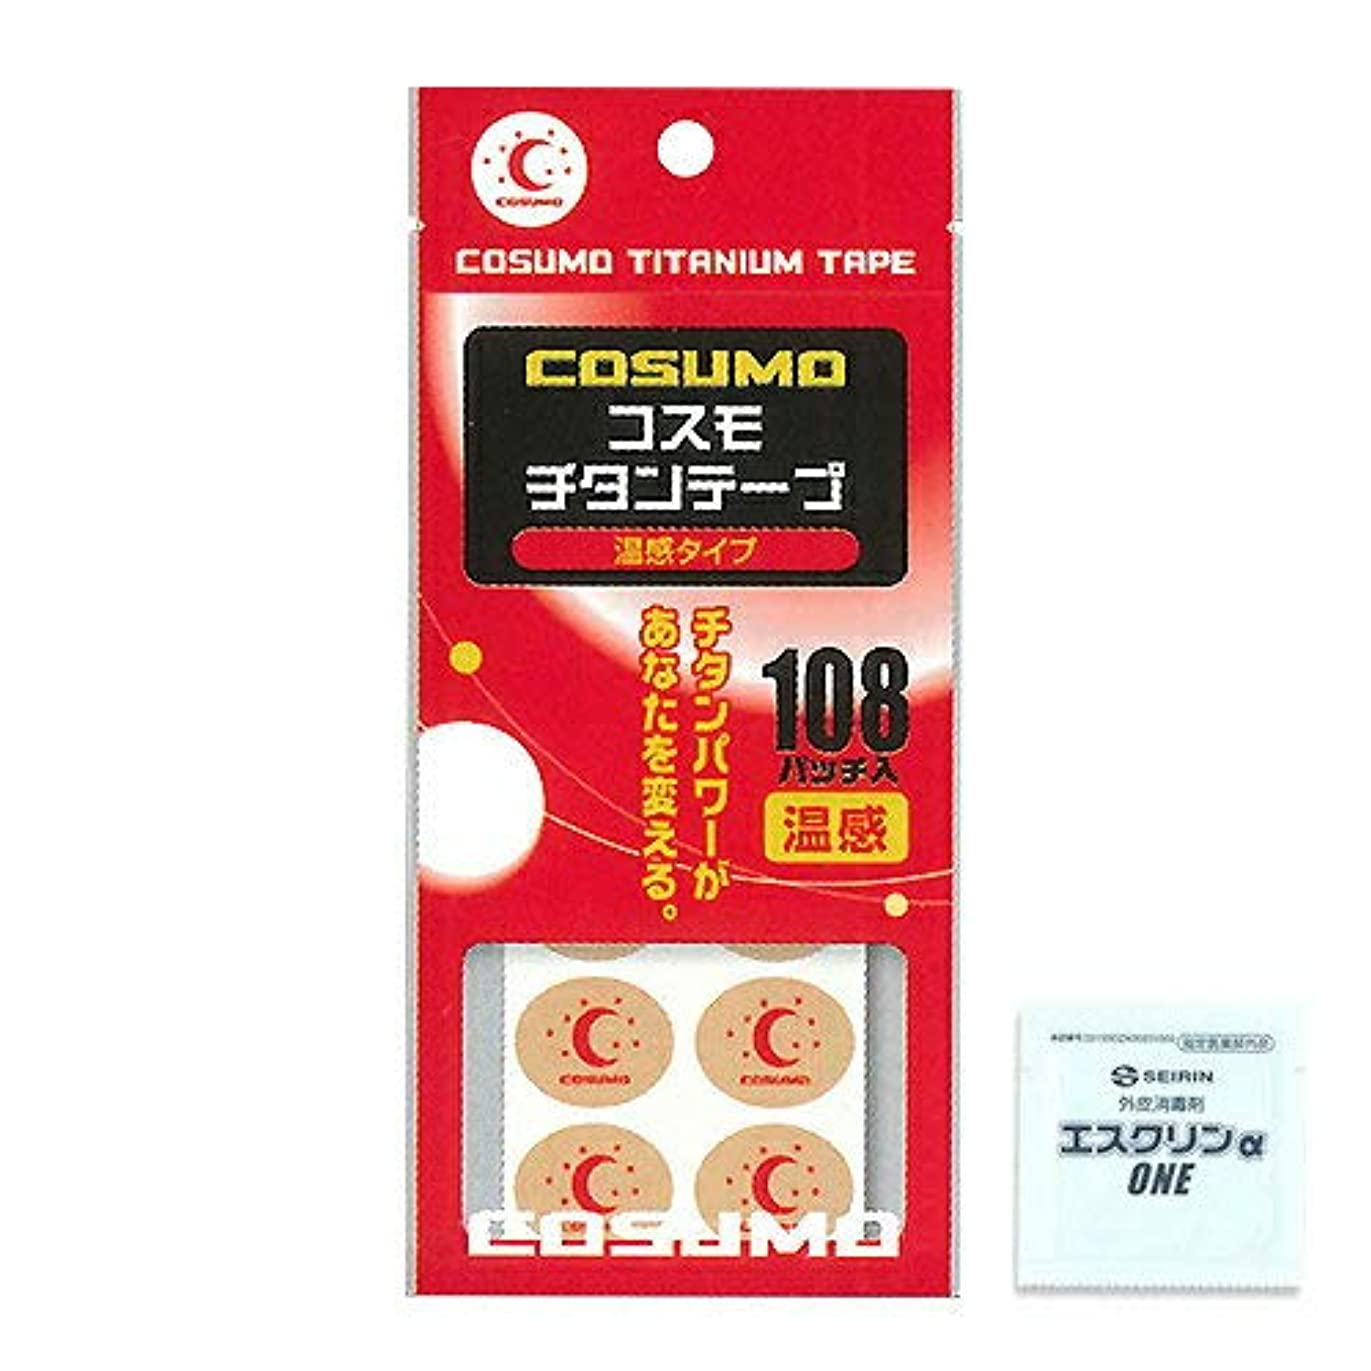 厳密にギネス電圧日進医療器:コスモチタンテープ温感タイプ 108パッチ入×2個セット + エスクリンONE1包セット